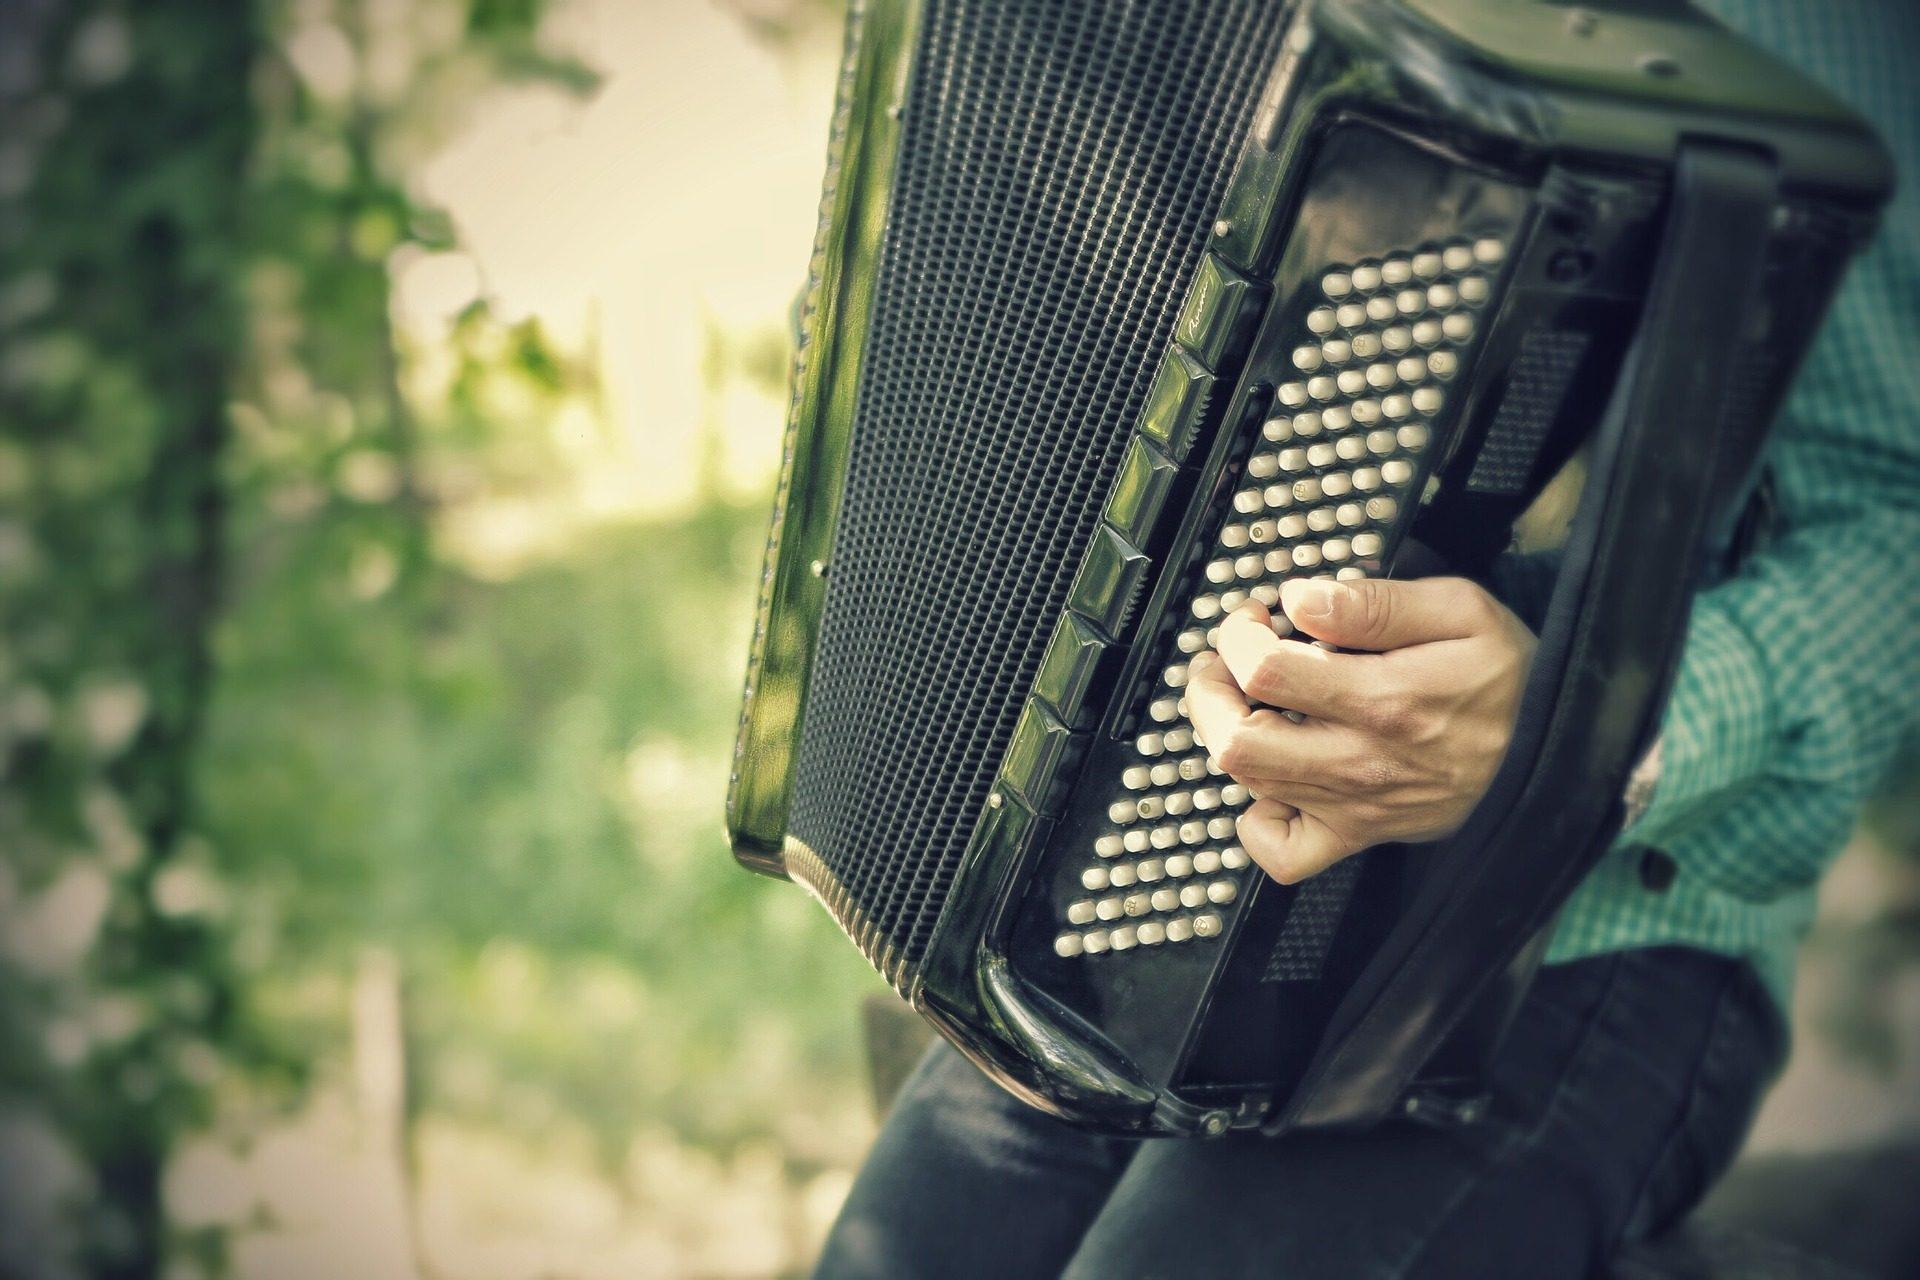 ακορντεόν, μουσικός, Οδός, μέσο, δυσκολία - Wallpapers HD - Professor-falken.com